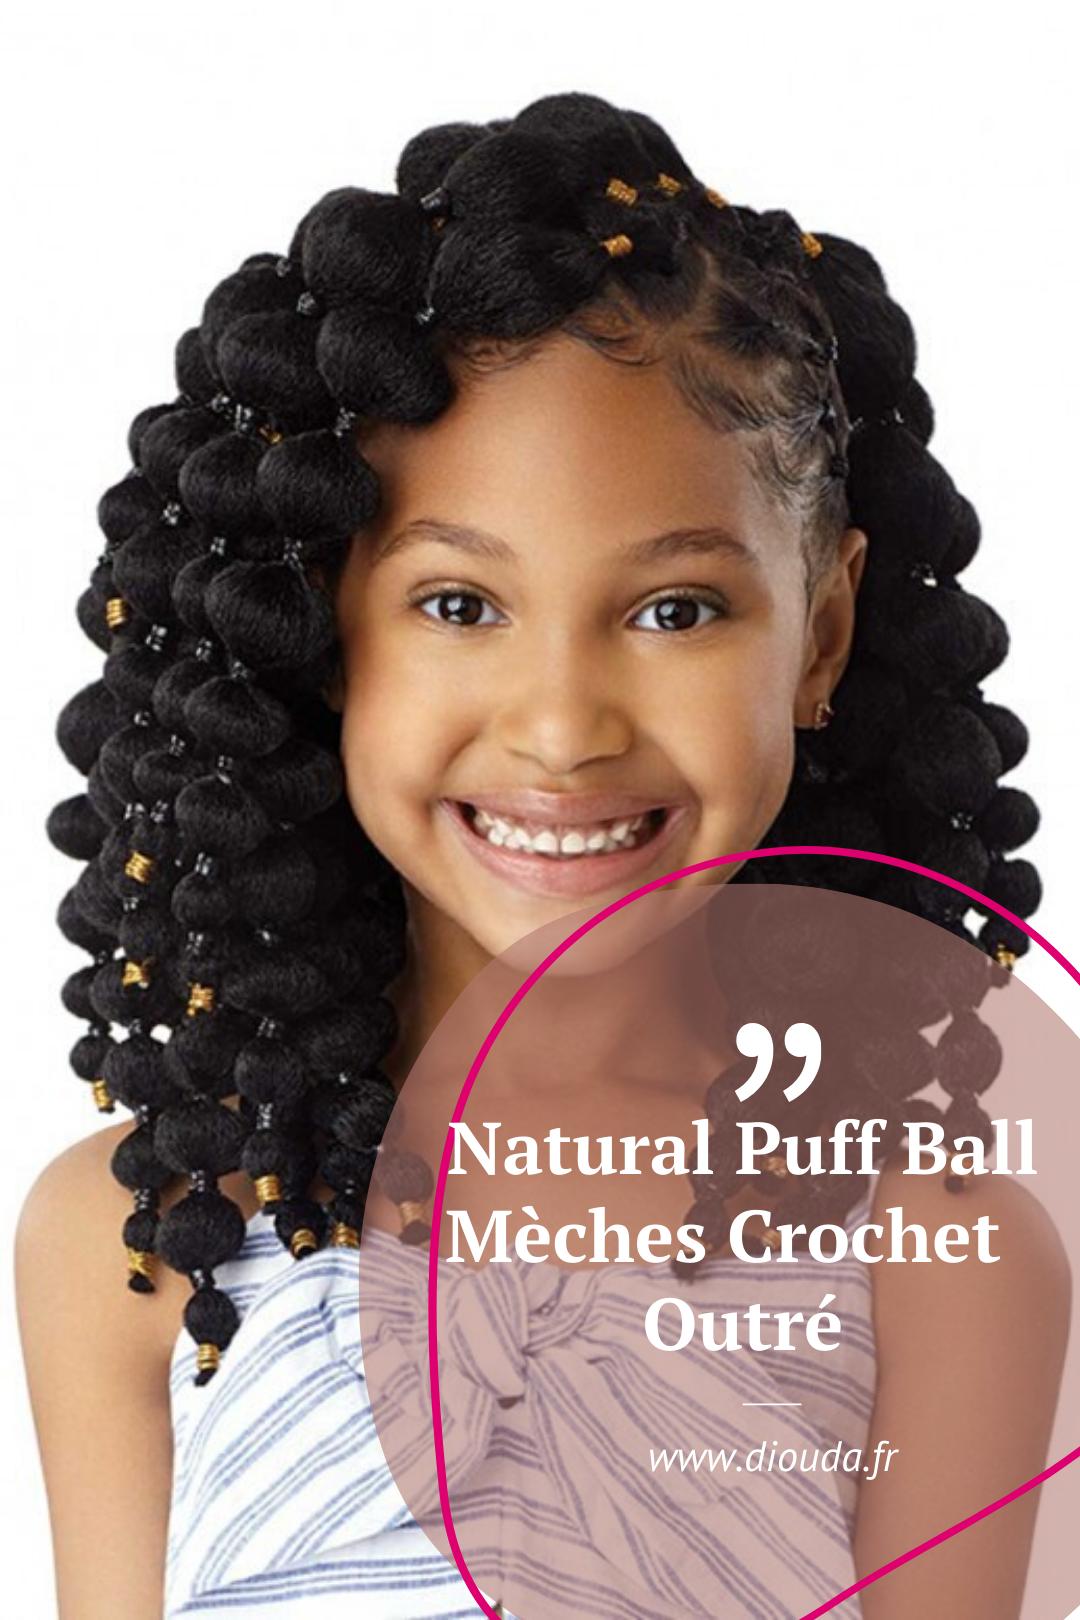 Coiffure Enfant Meches Crochet X Pression Coiffure Enfant Coiffure Coiffures Enfant Fille